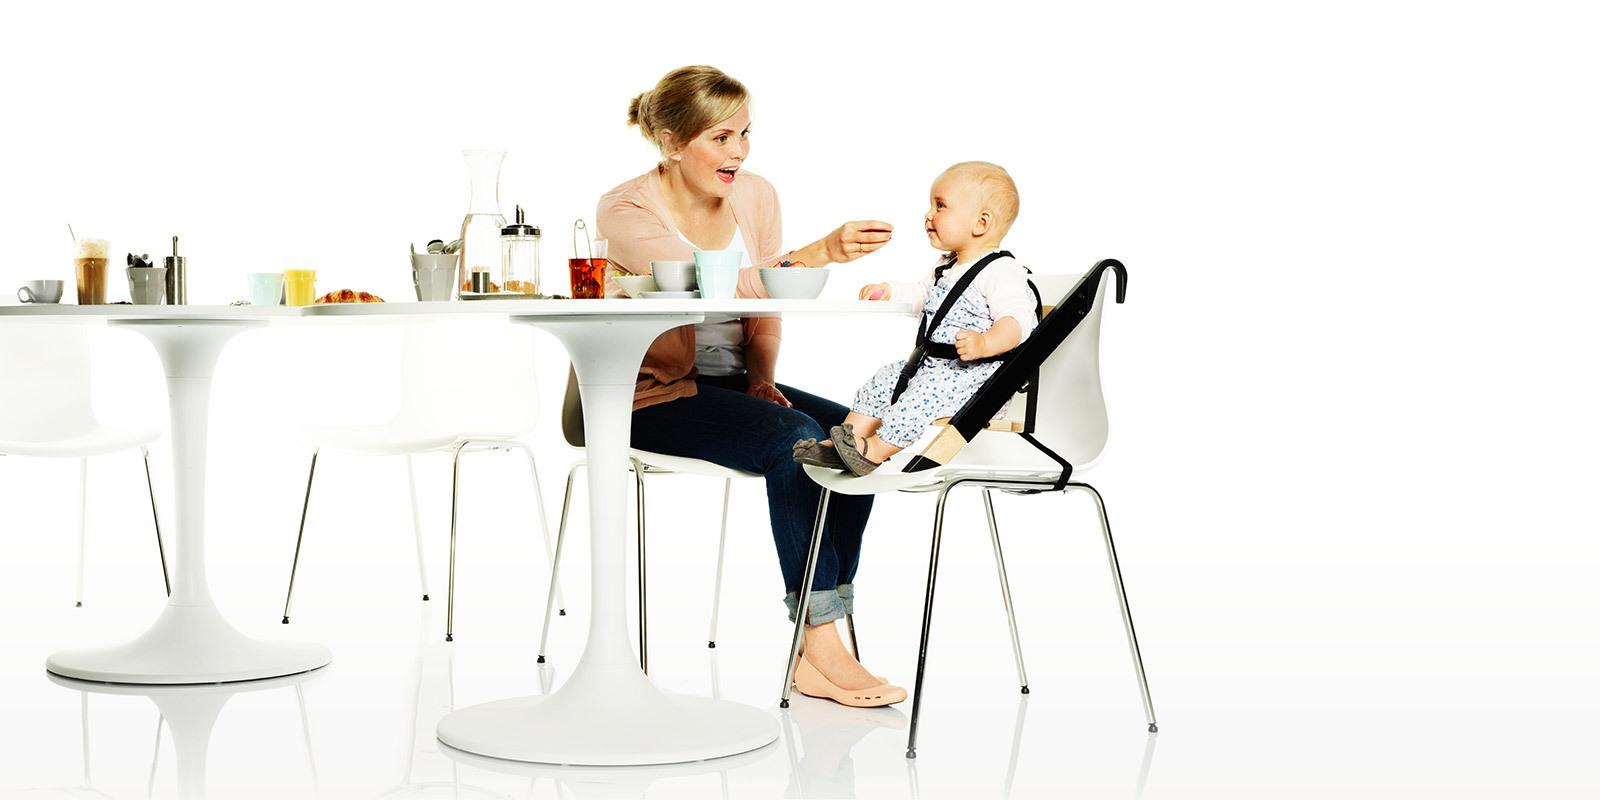 stokke® handysitt™  high chairs  stokke - stokke handysit mainbanner